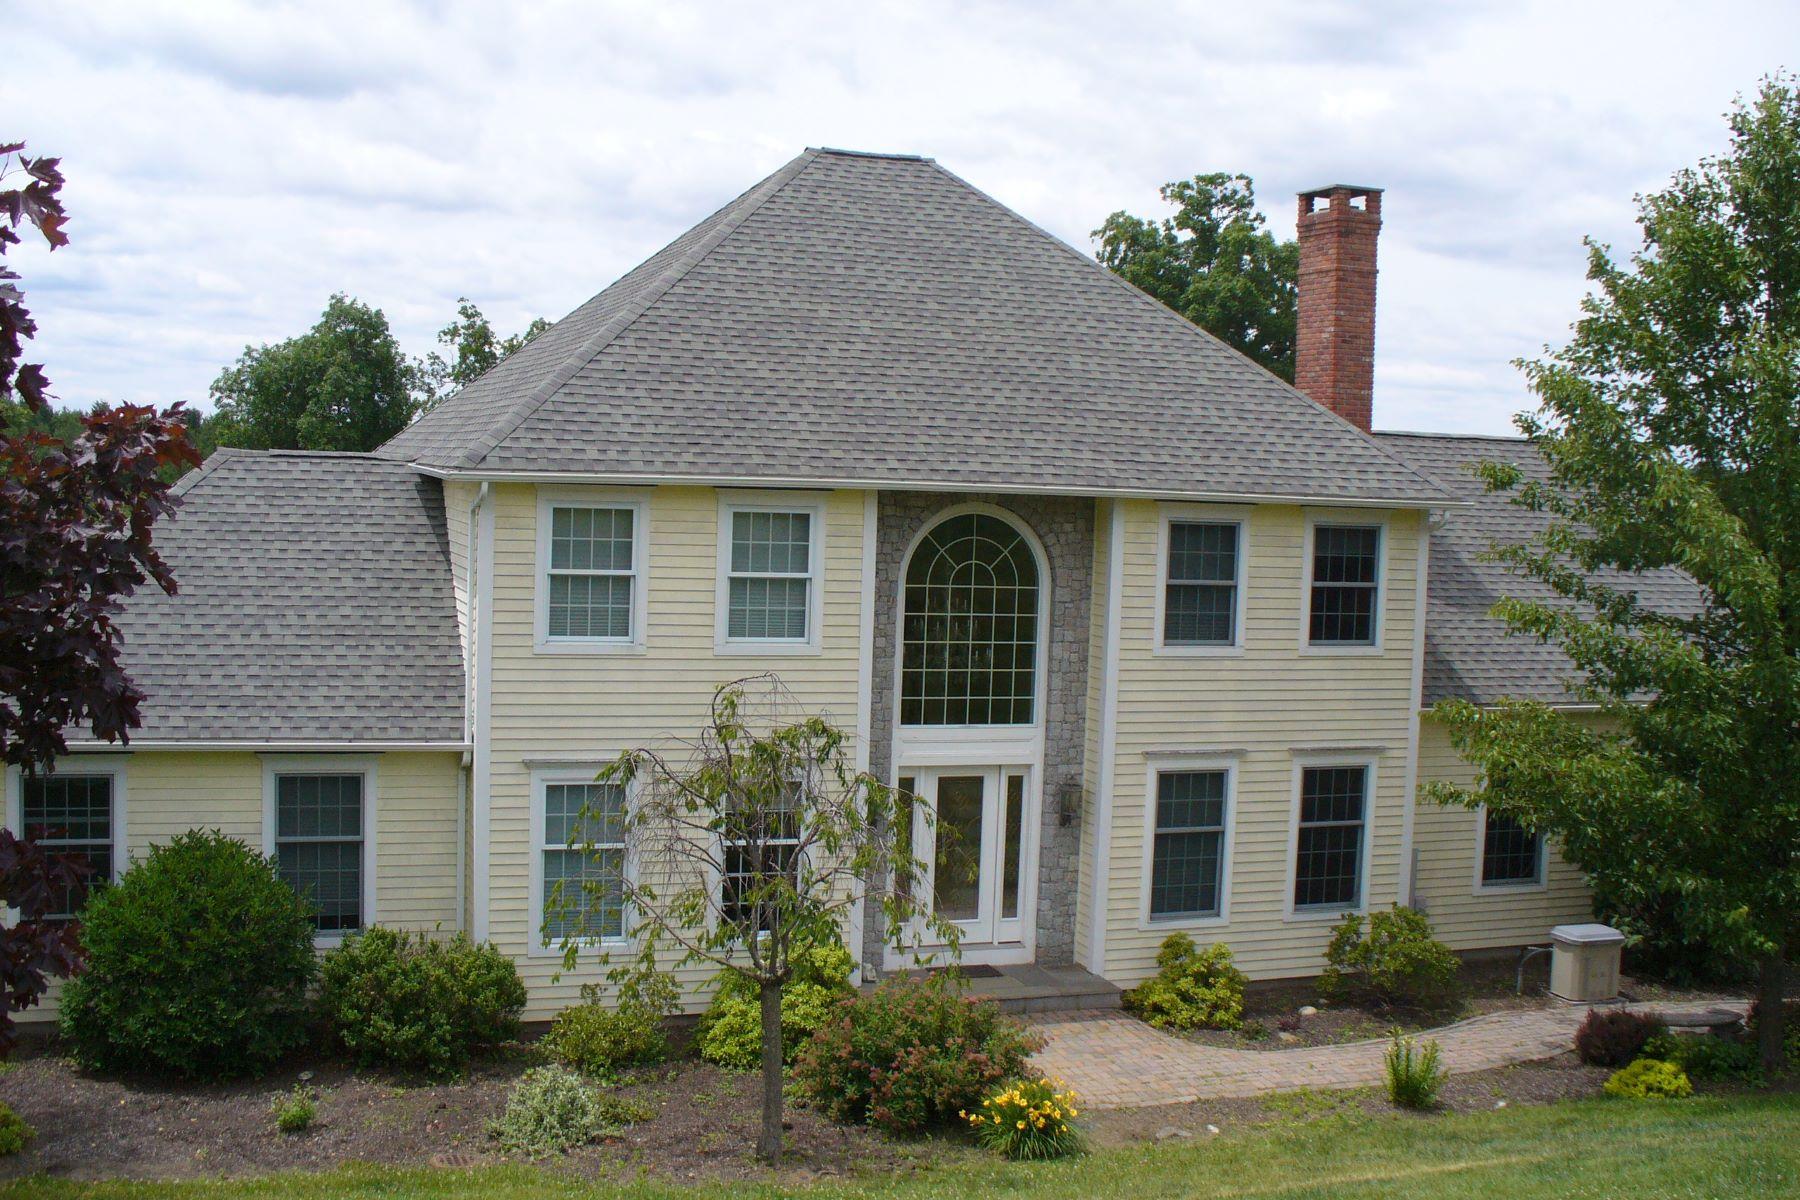 Maison unifamiliale pour l Vente à Custom Built Colonial 220 Old Middle St Goshen, Connecticut, 06756 États-Unis